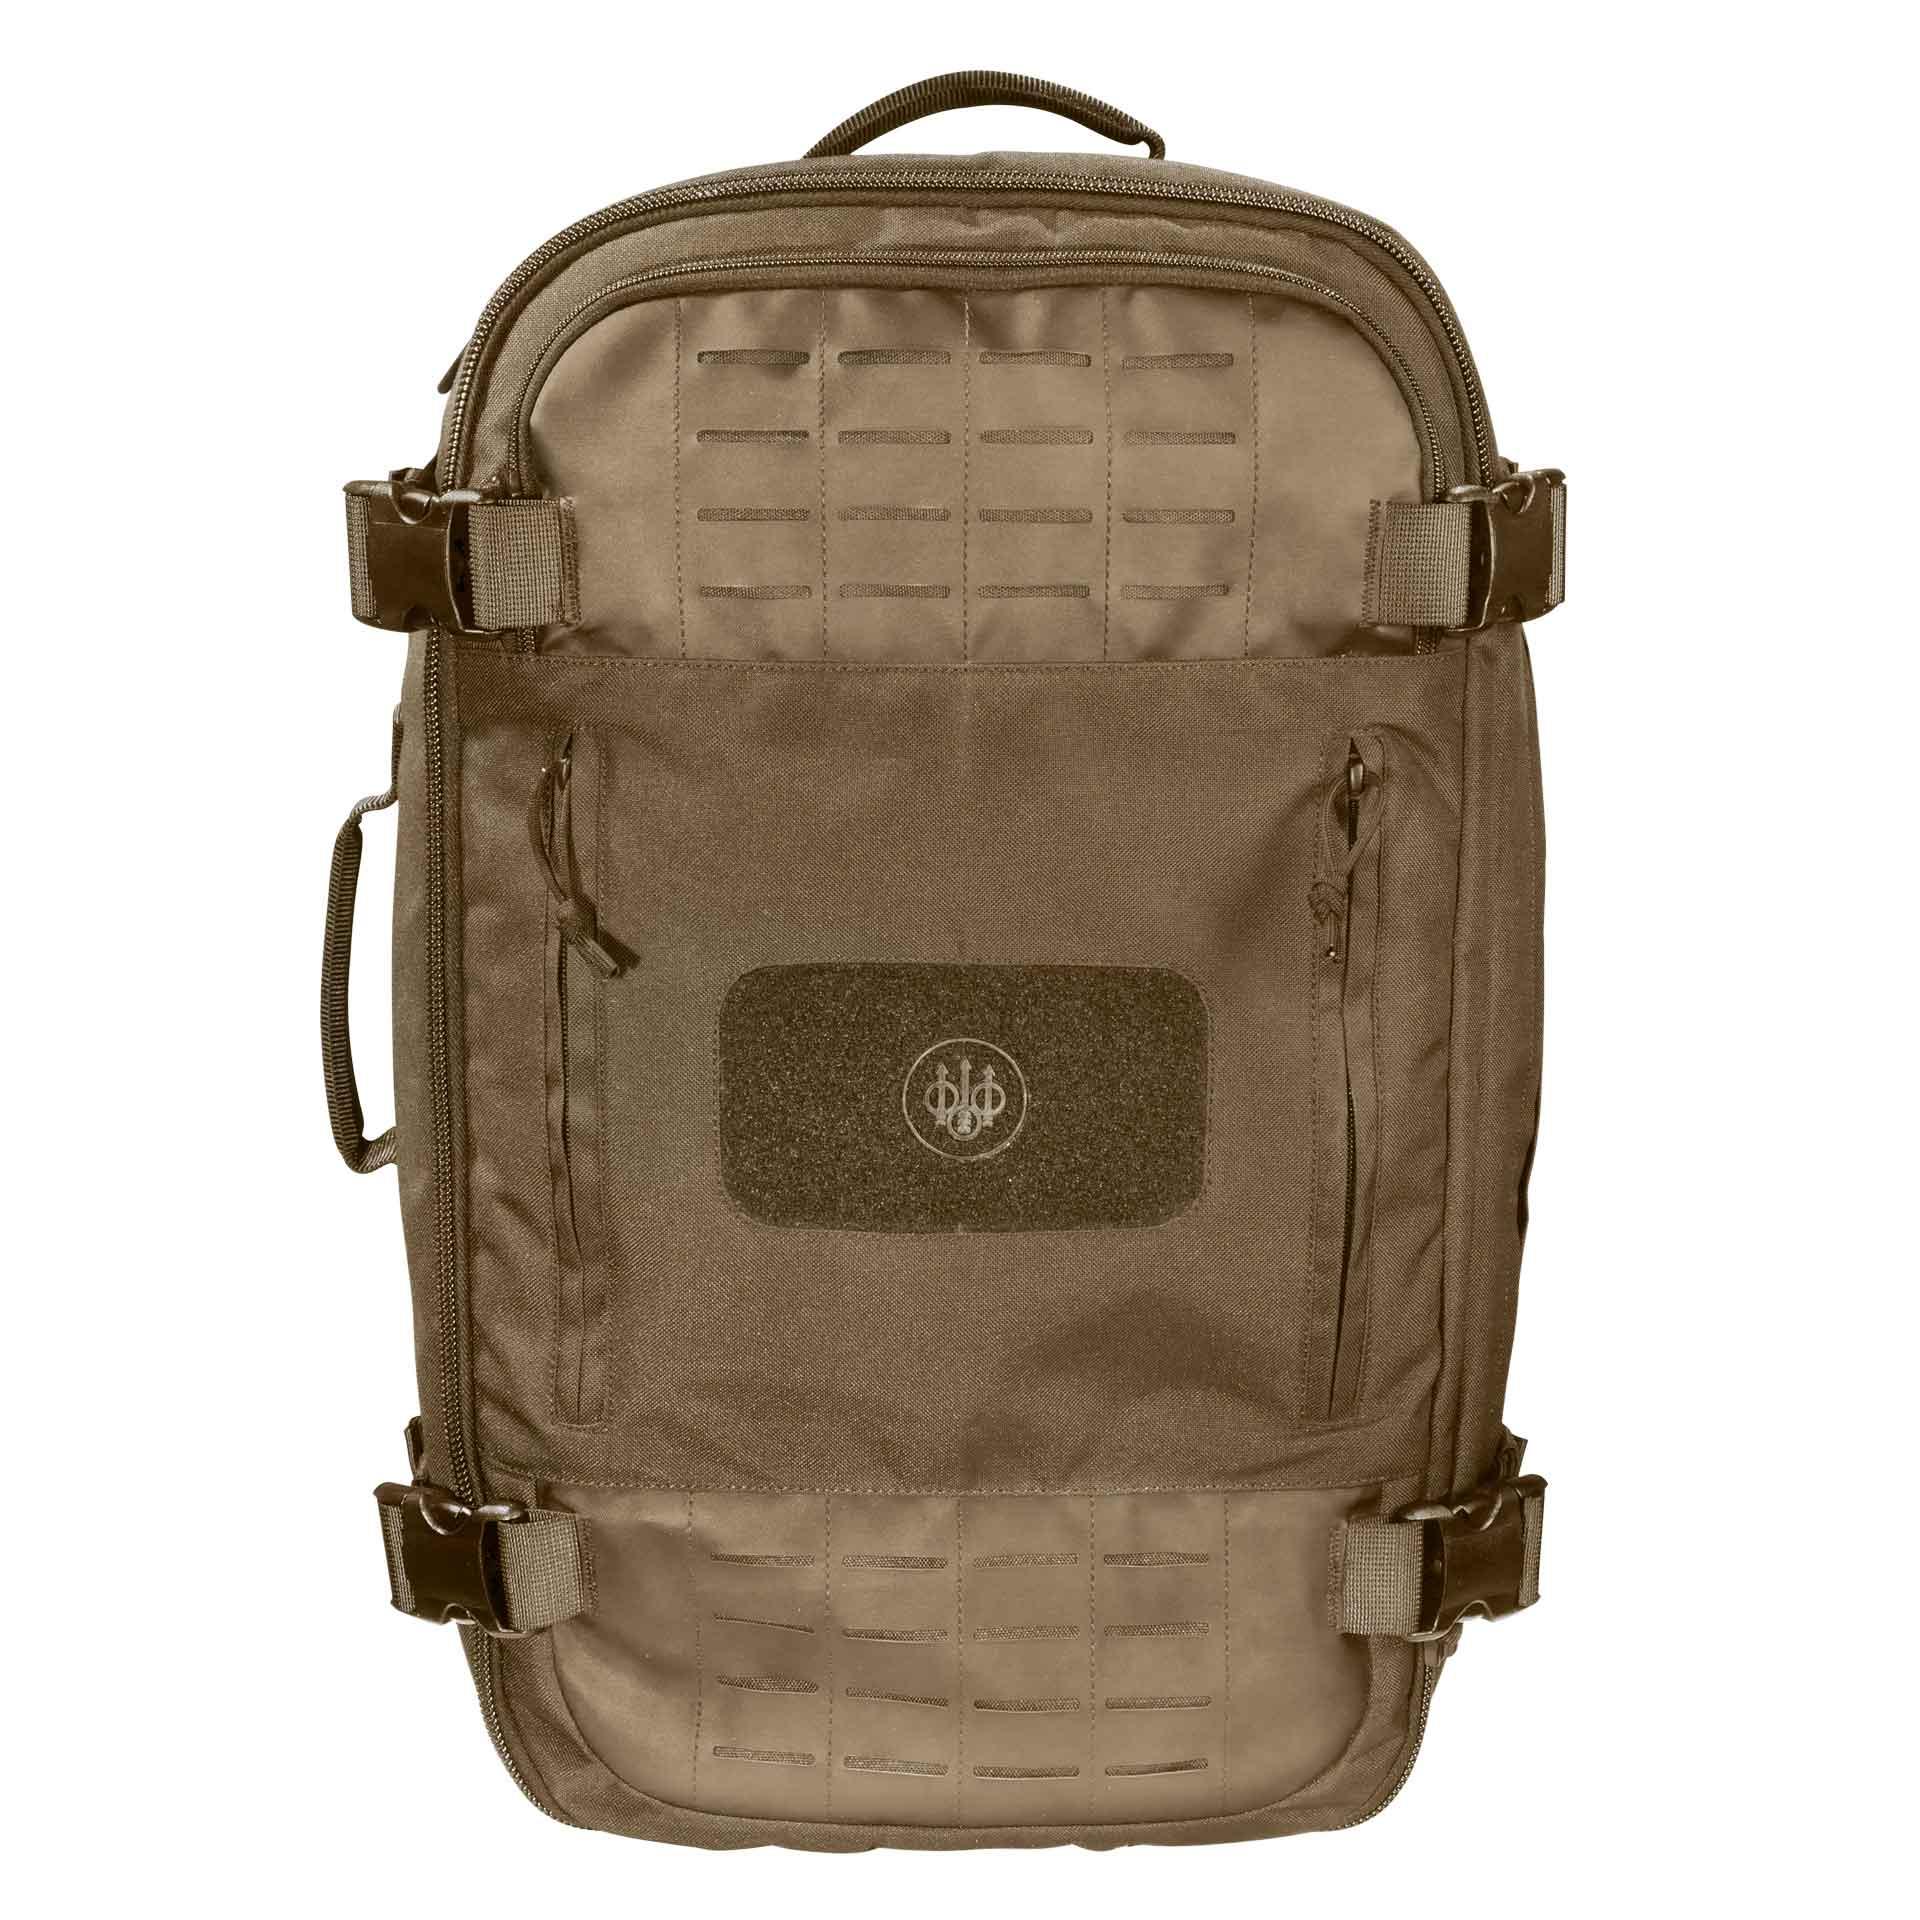 Bags/Belts